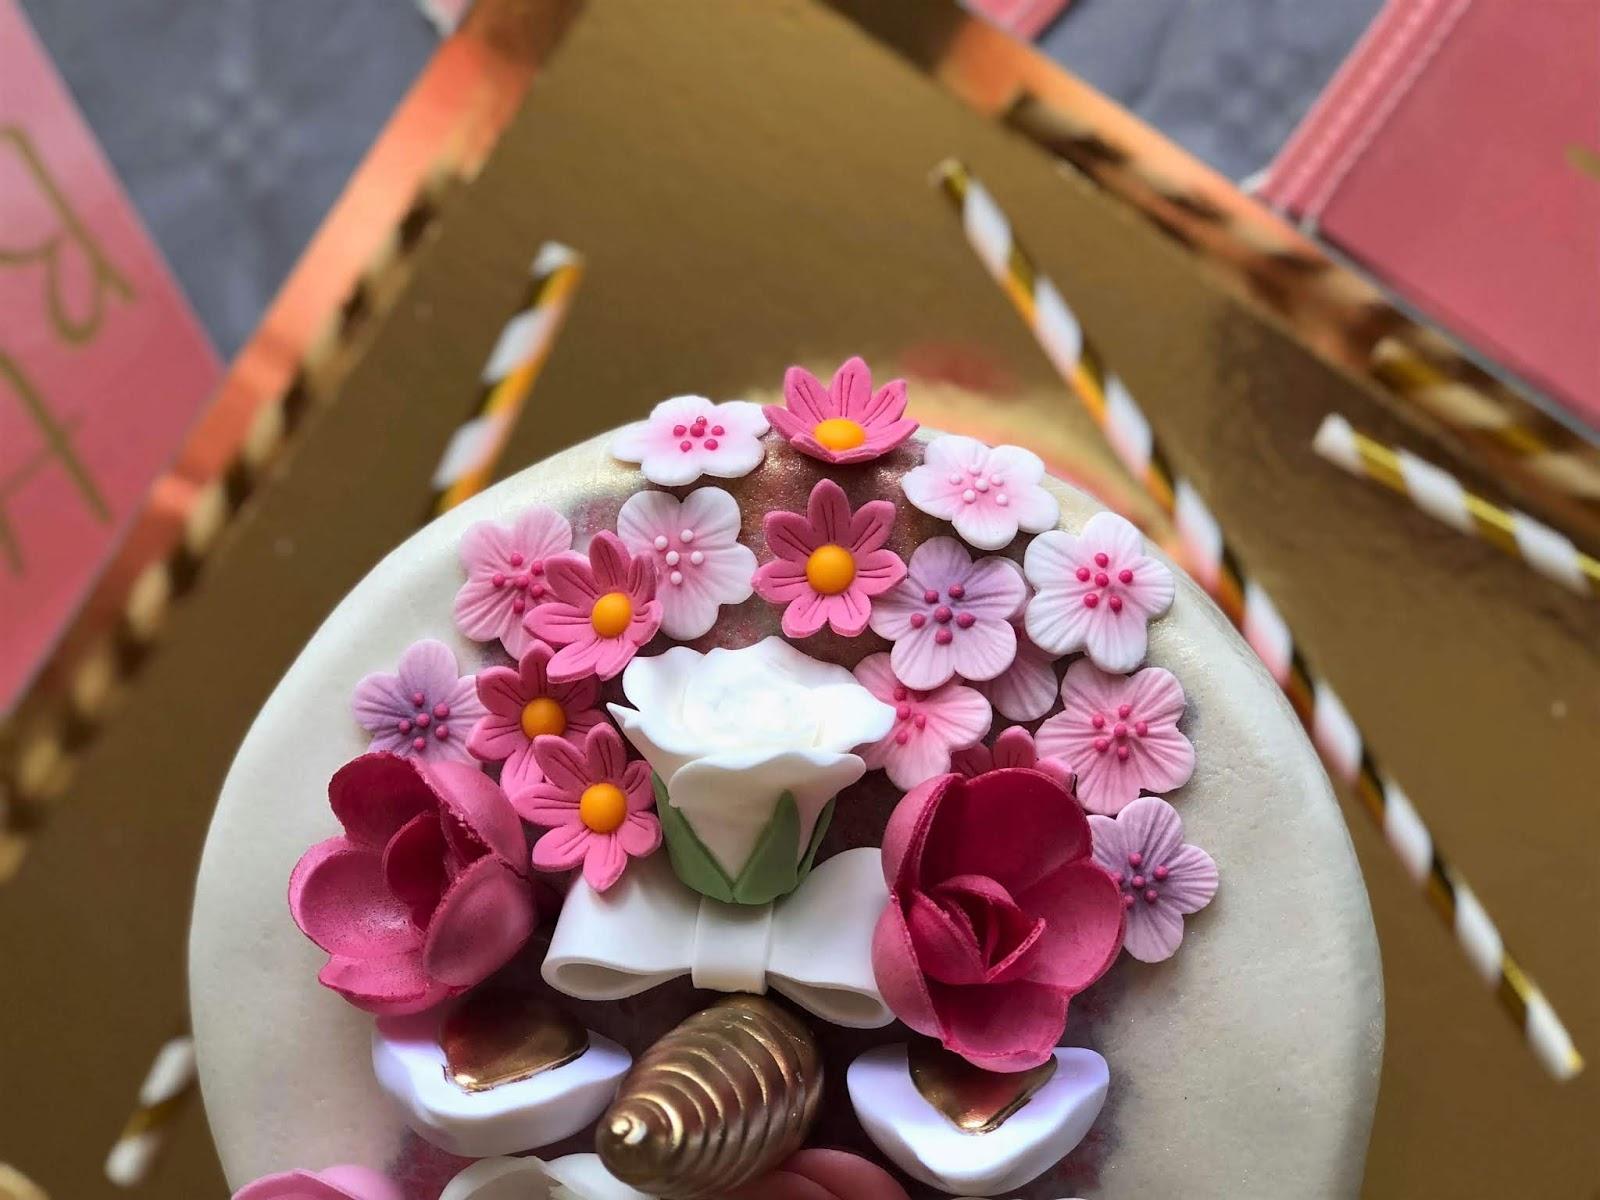 #BIRTHDAY | MON GÂTEAU D'ANNIVERSAIRE ALT LICORNE VOTREGATEAU.FR